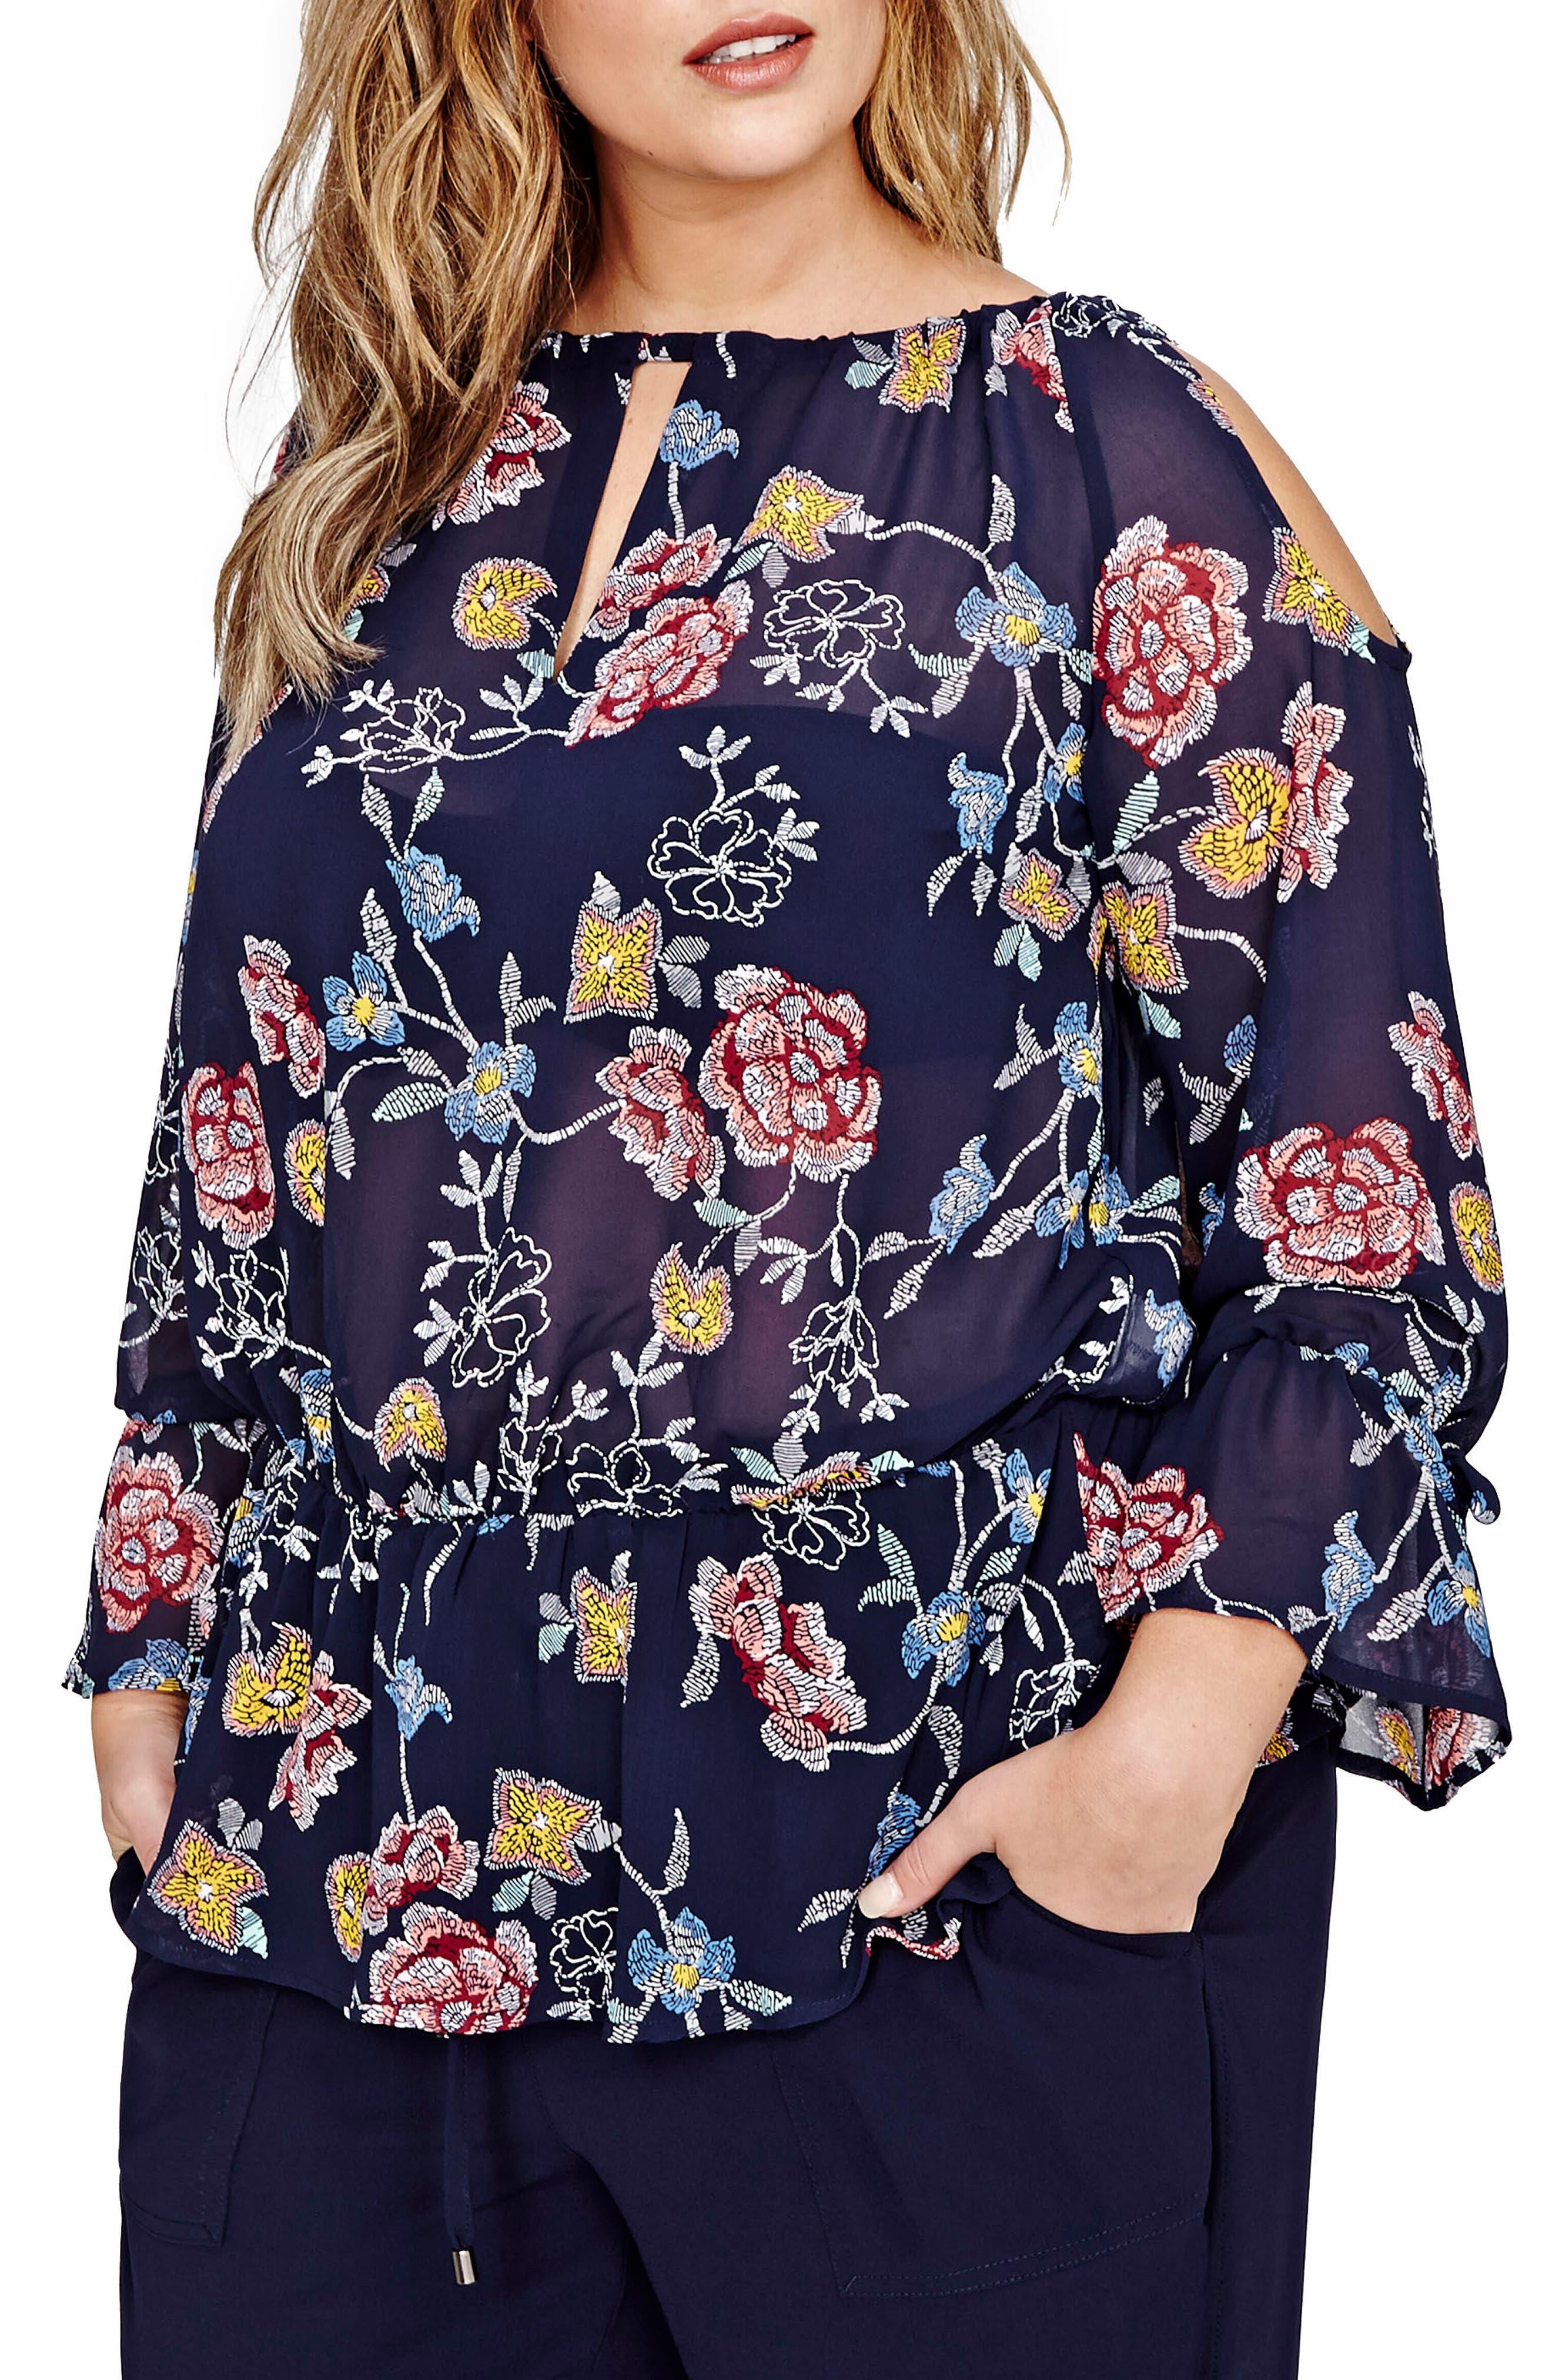 Cold Shoulder Floral Blouse,                             Main thumbnail 1, color,                             Eclipse Floral